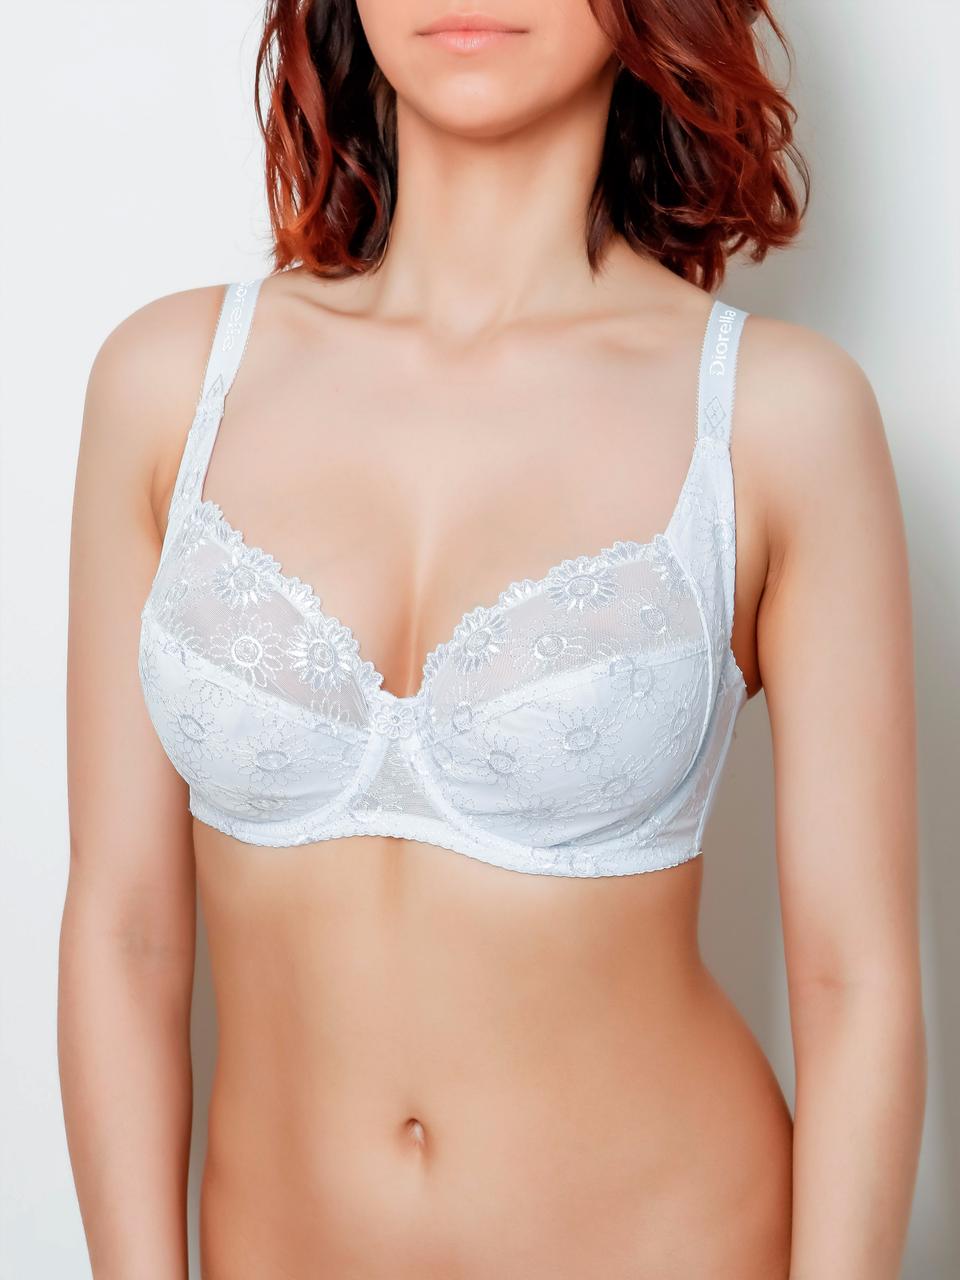 Бюстгальтер Diorella 38002D, колір Білий,  розмір 80D